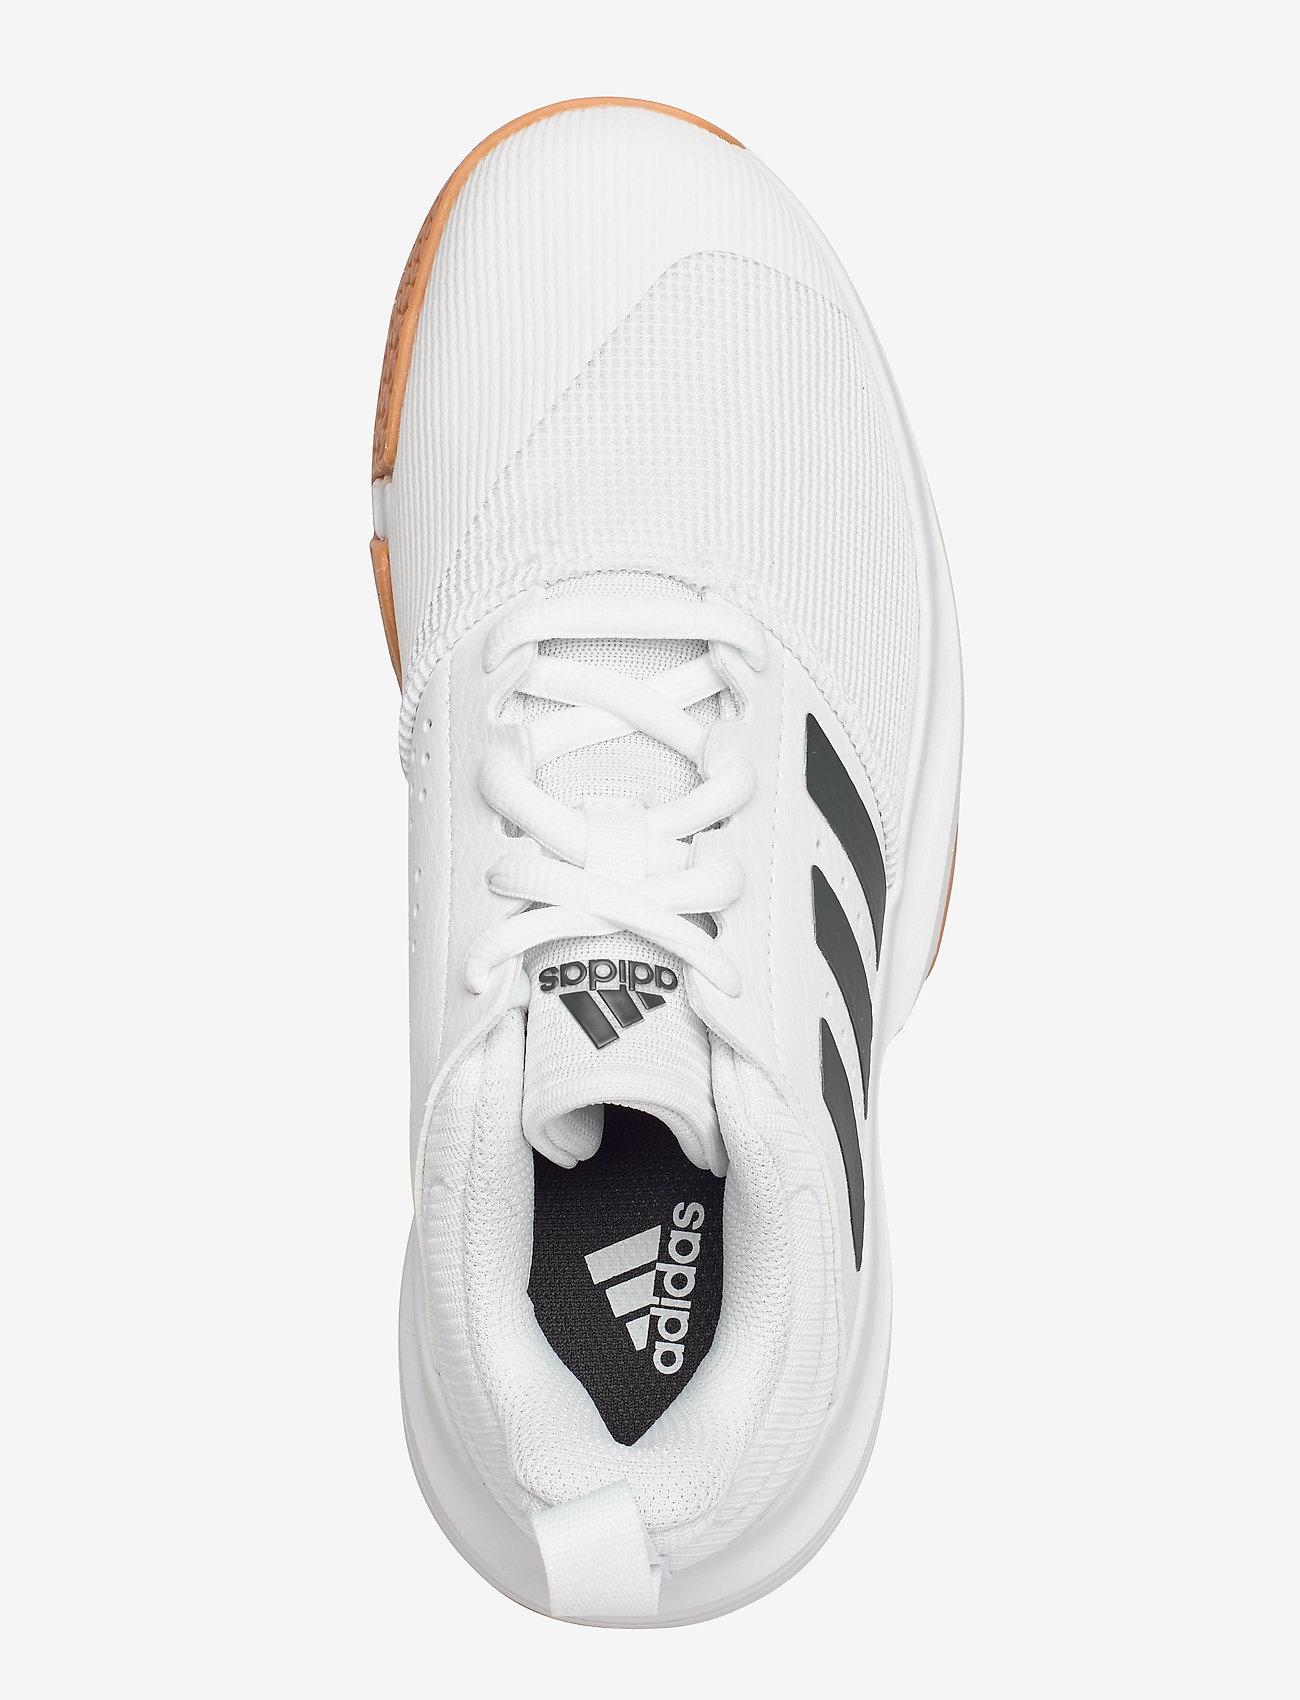 Essence W (Ftwwht/gresix/ftwwht) (47.96 €) - adidas Performance 27W6S